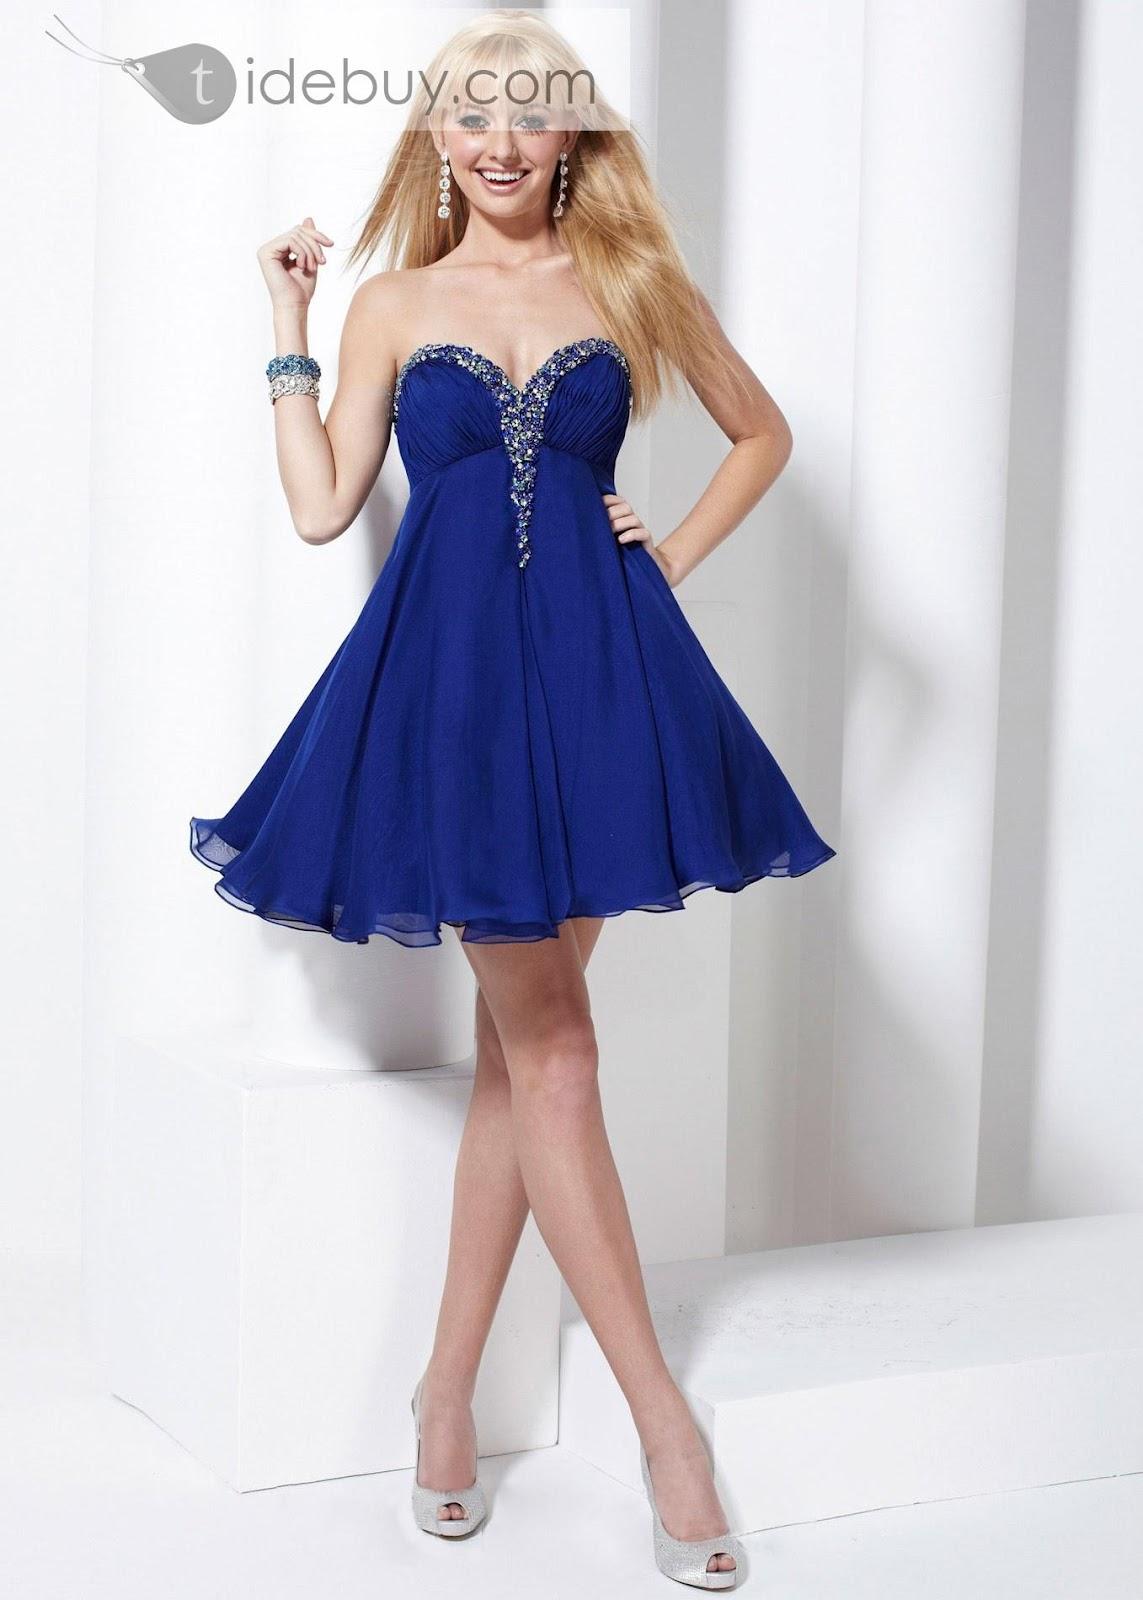 pictures get latest model of dresses for 2012. Black Bedroom Furniture Sets. Home Design Ideas